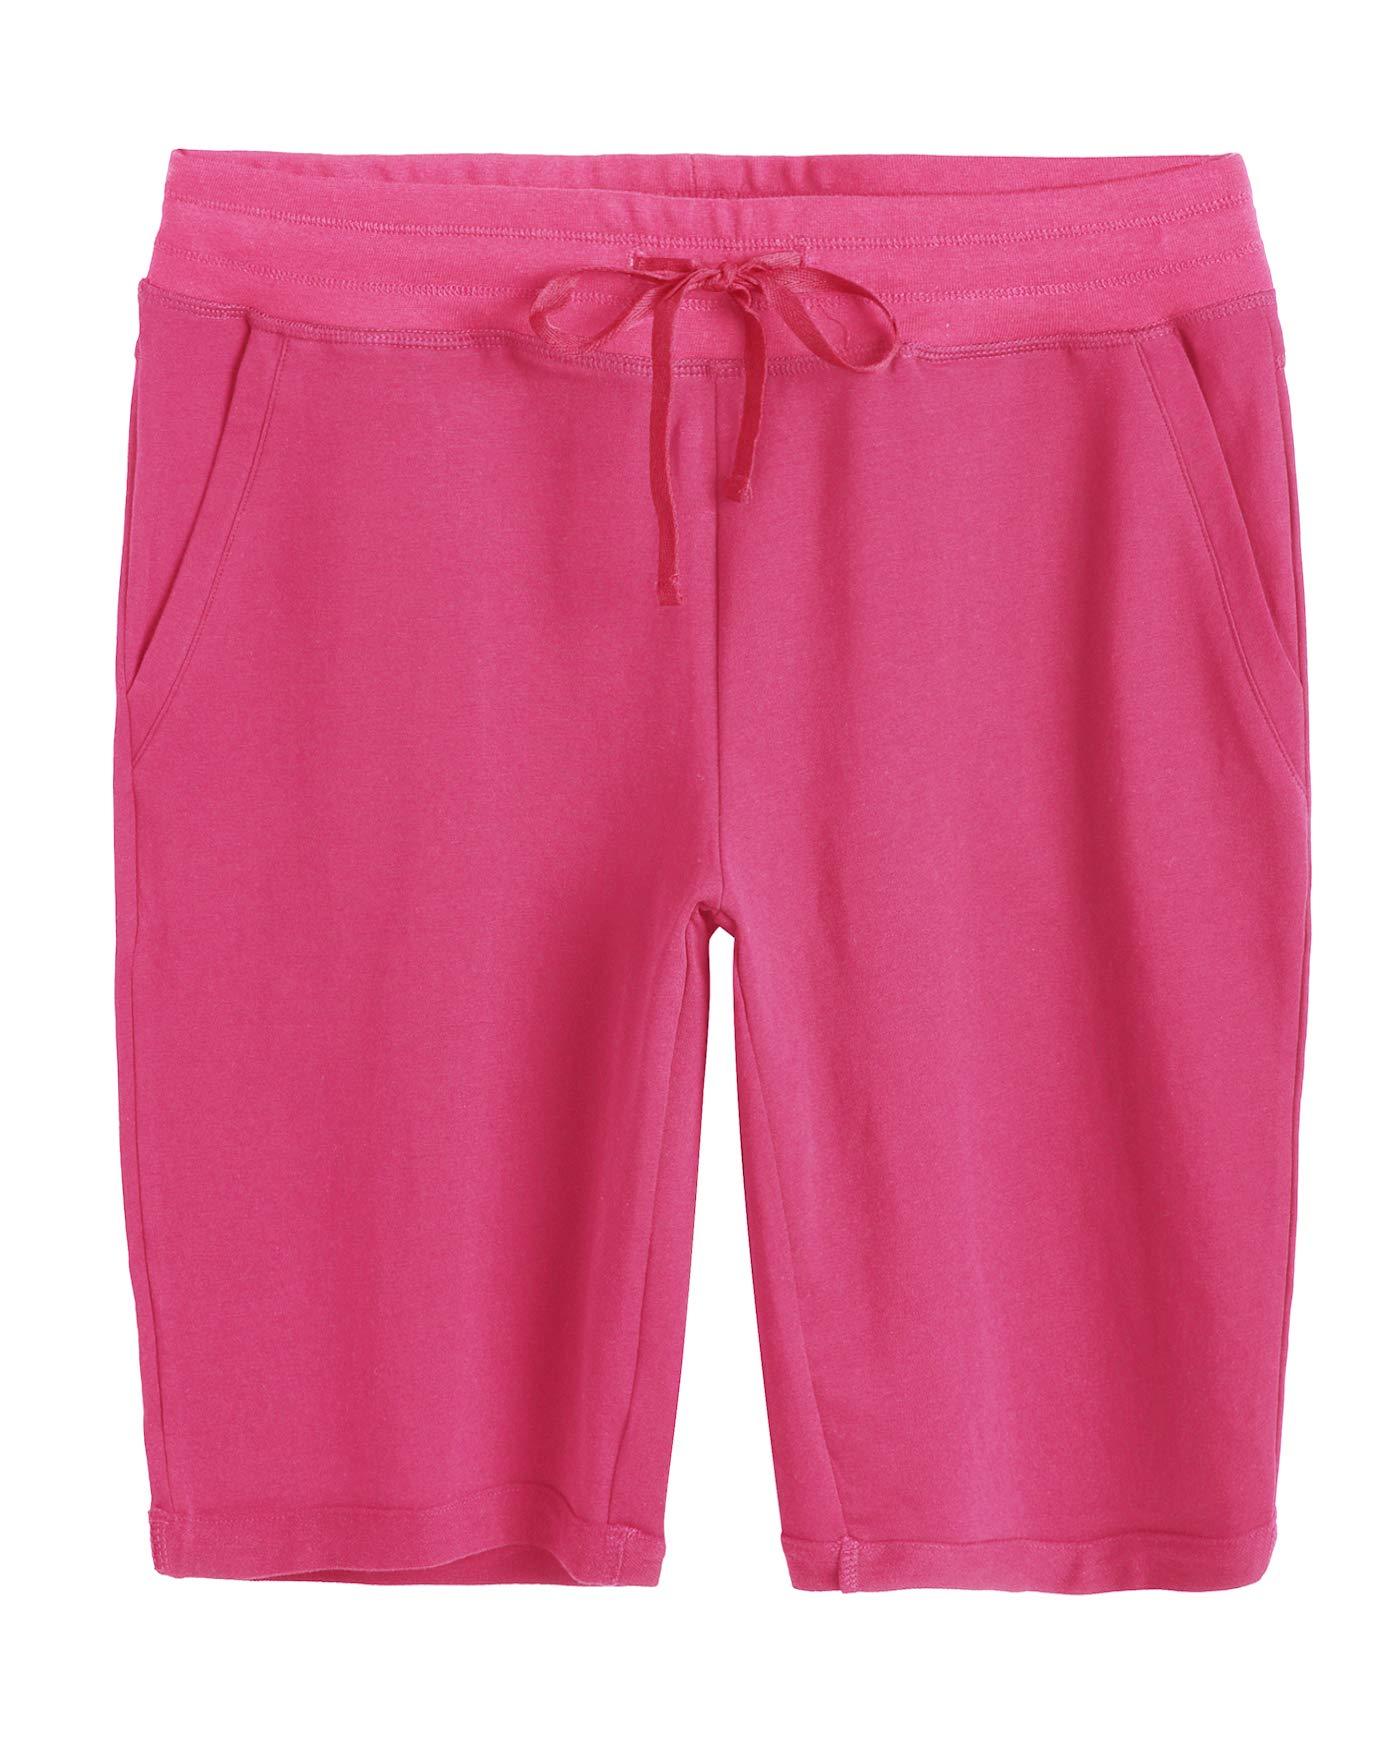 Weintee Women's Cotton Bermuda Shorts with Pockets XL Boysenberry by Weintee